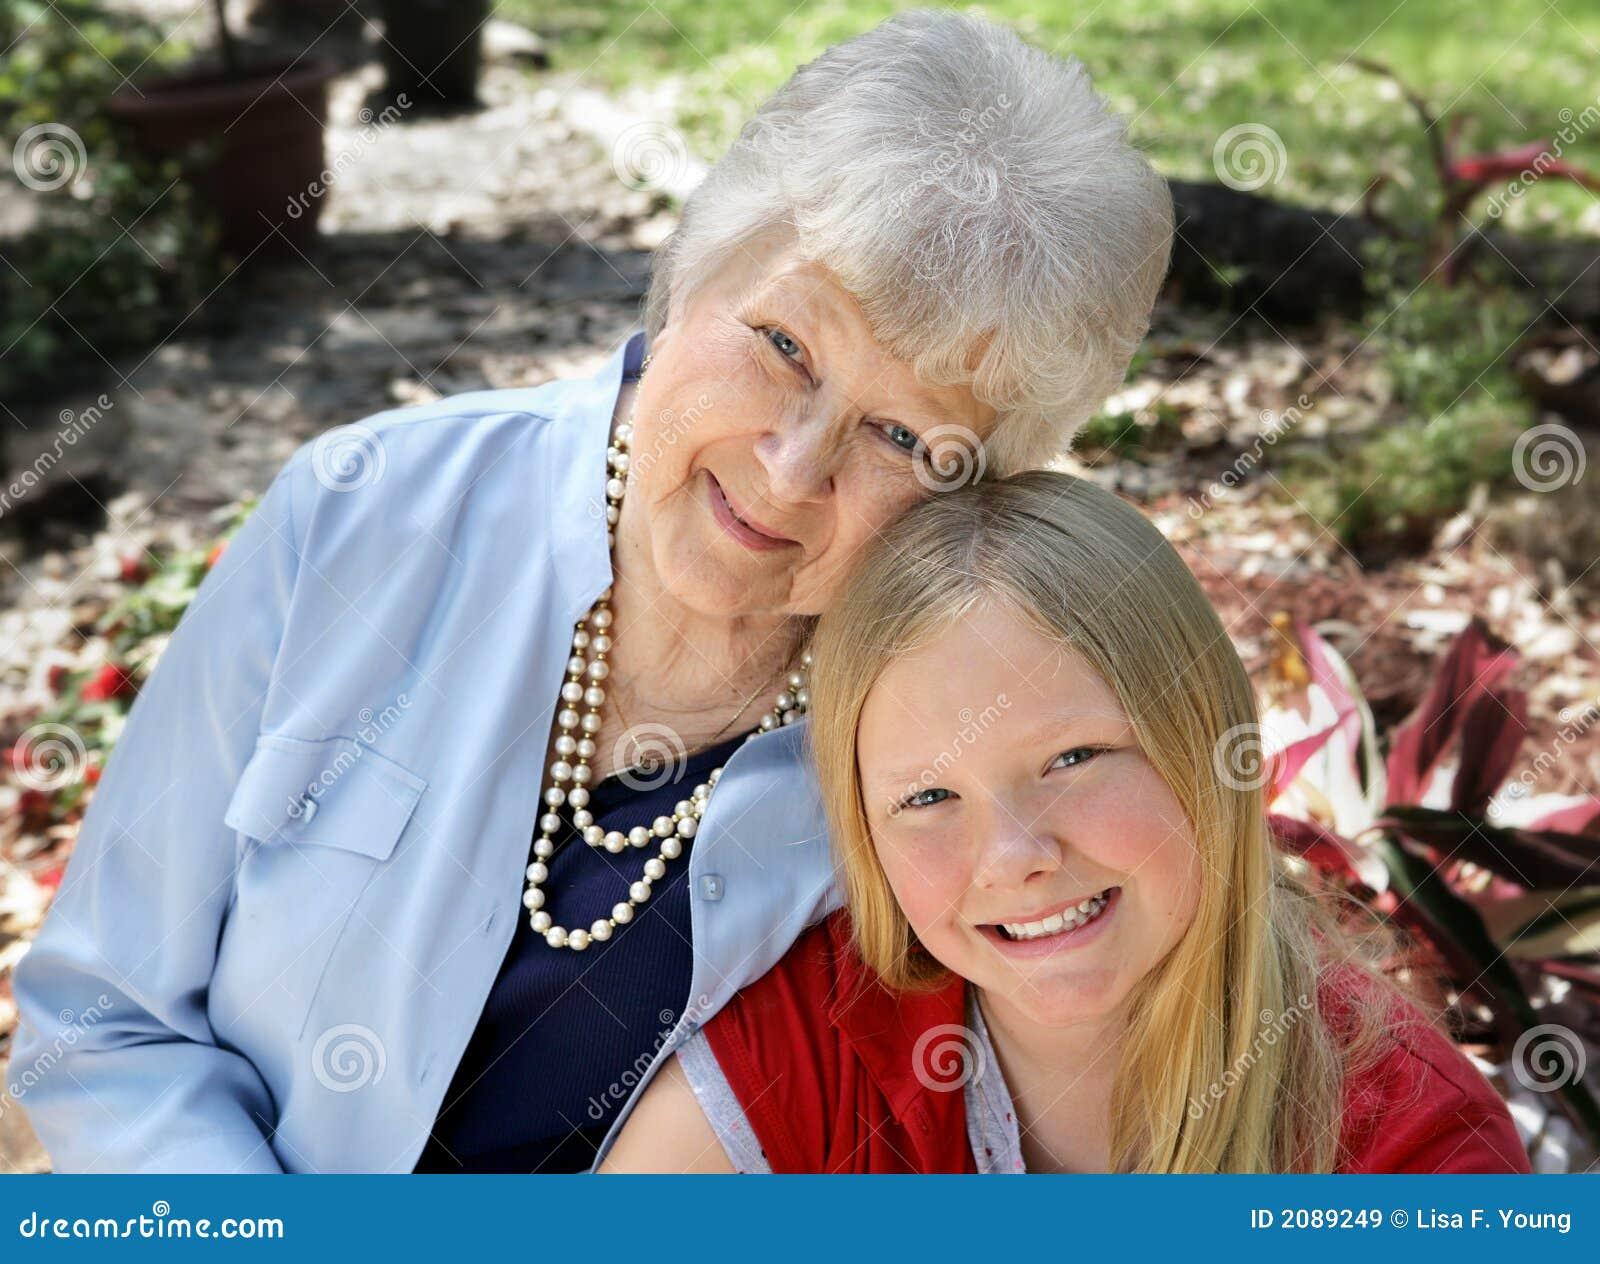 Abuela y niño en jardín